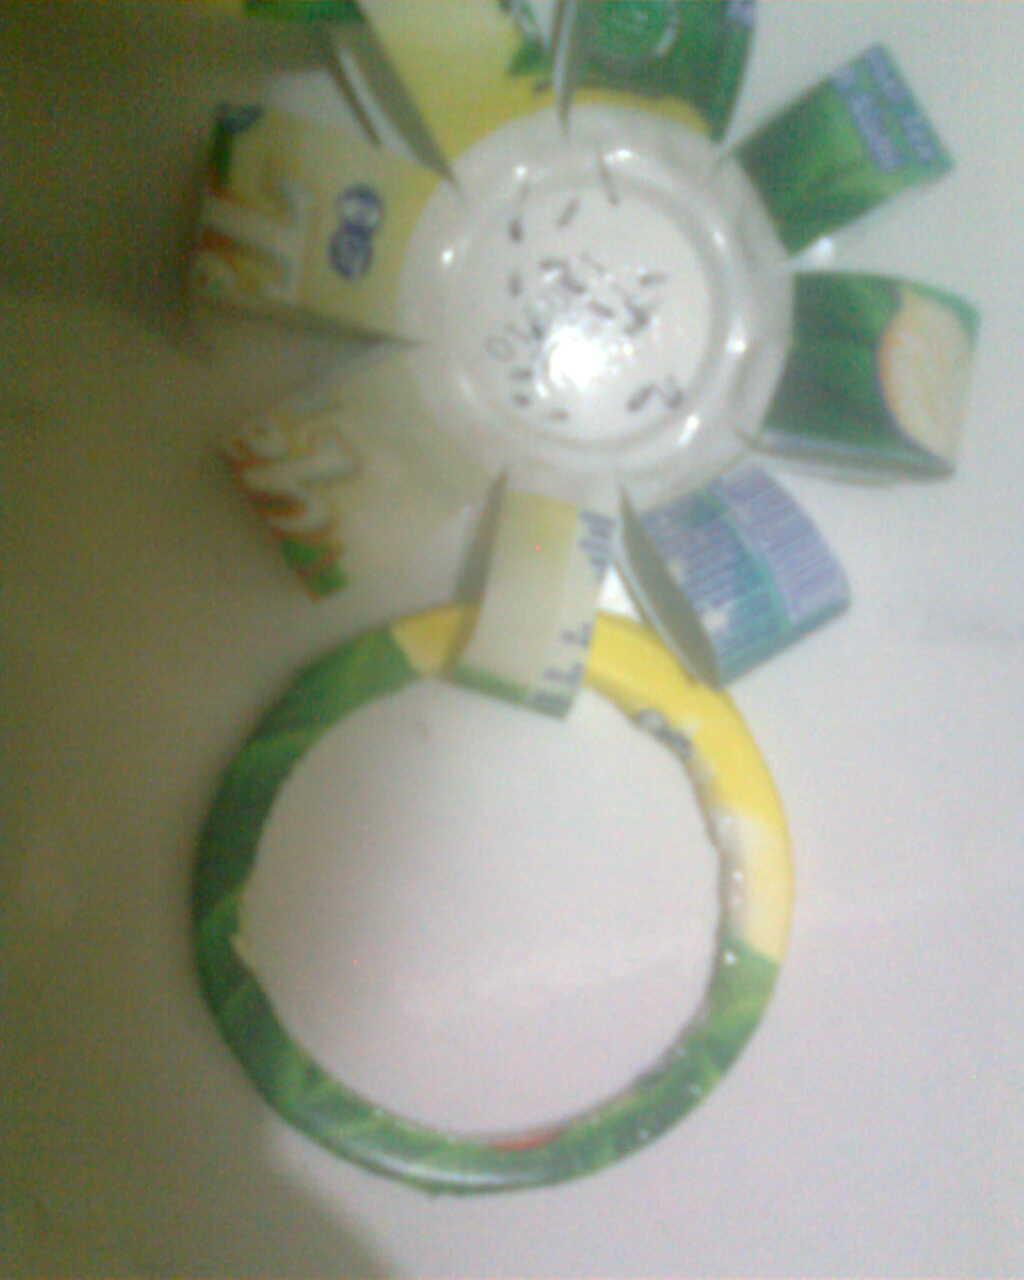 memotong bagian pinggir botol dan merekatkannya bagian ujungnya ...